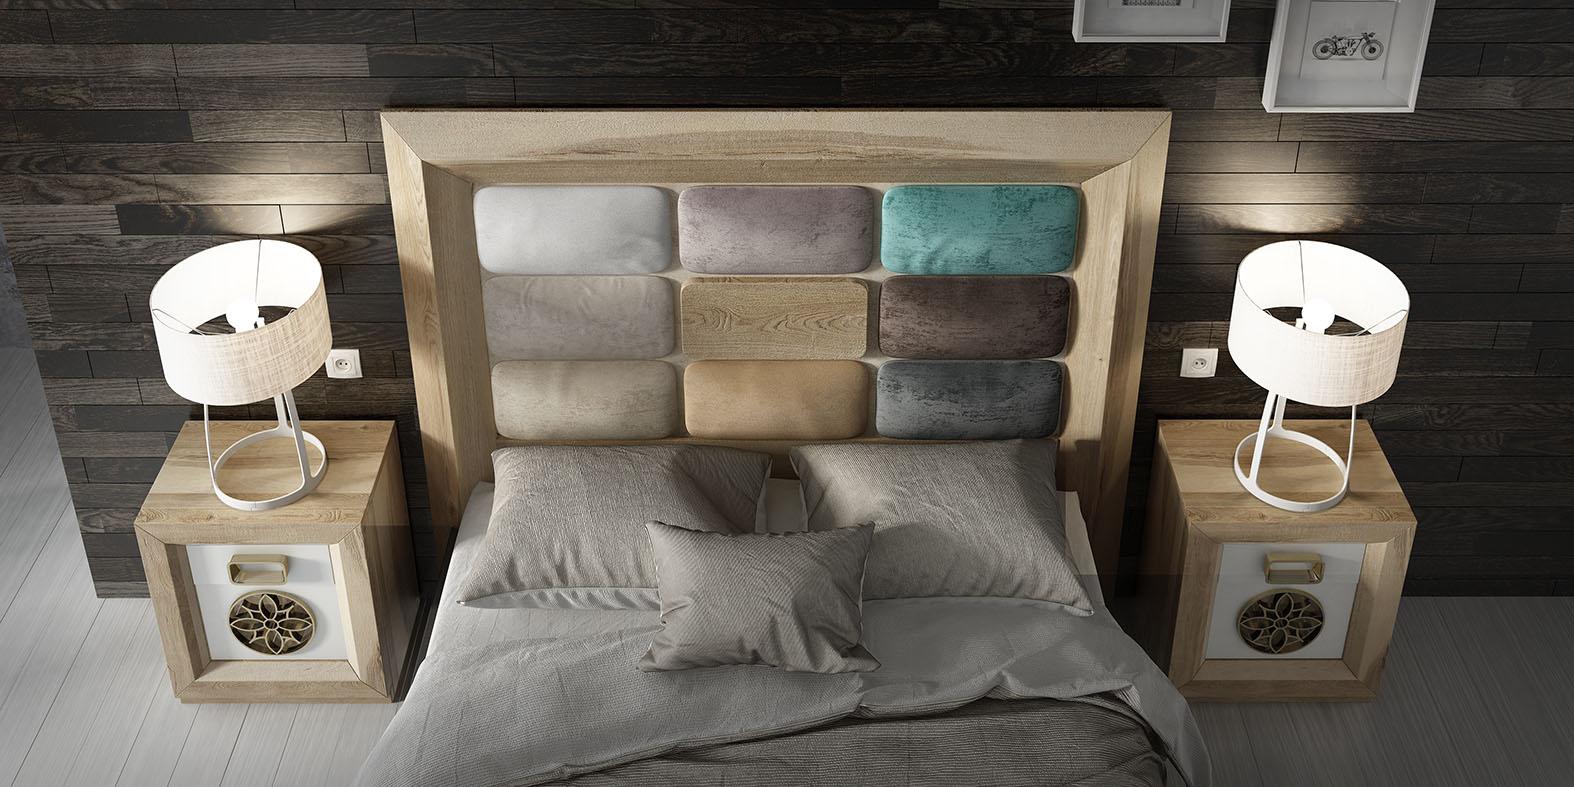 Decovarte bedroom D27